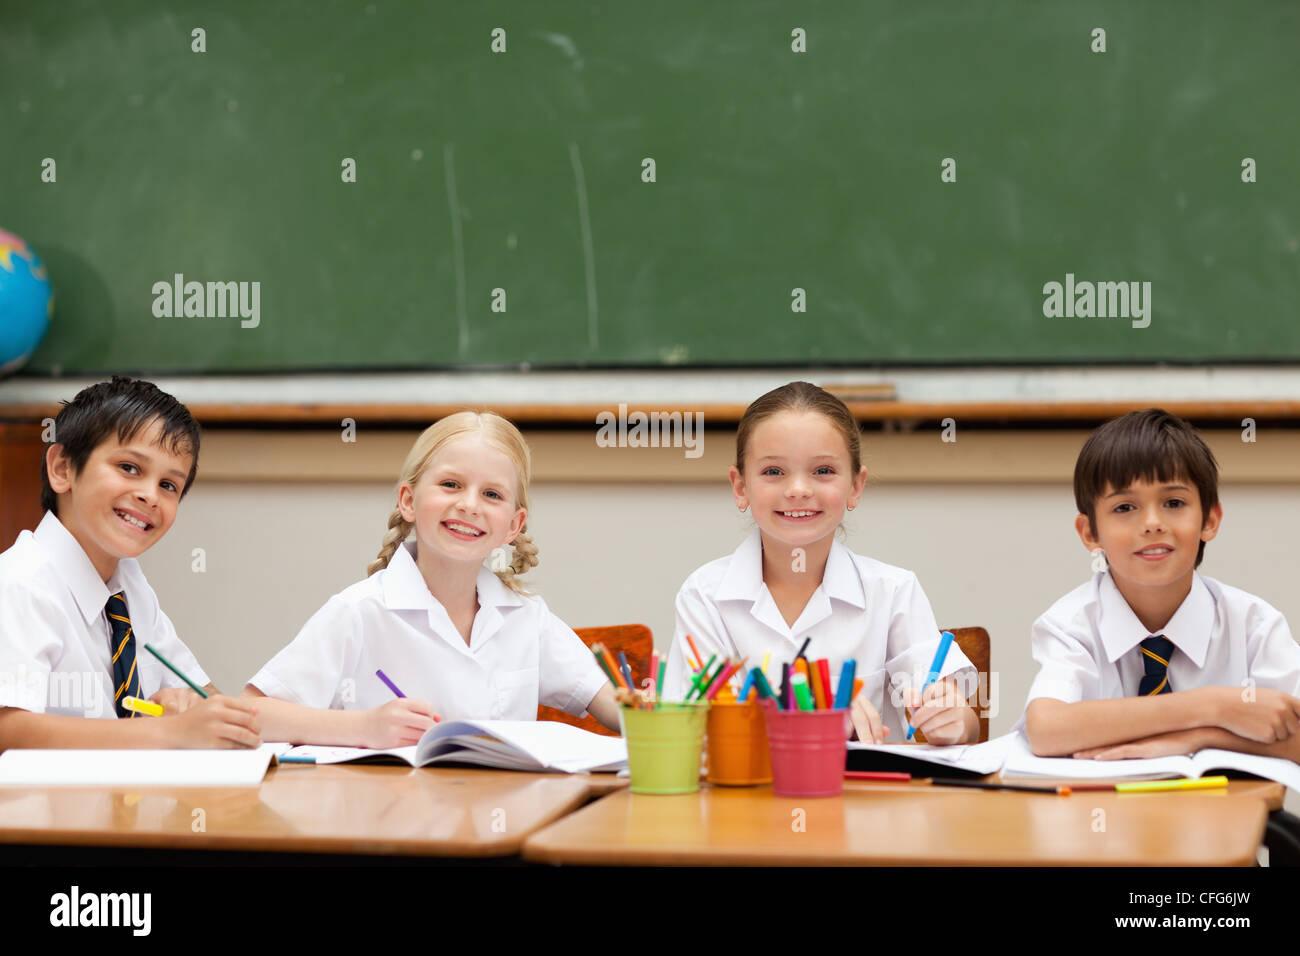 Smiling schoolchildren sitting at desk together - Stock Image